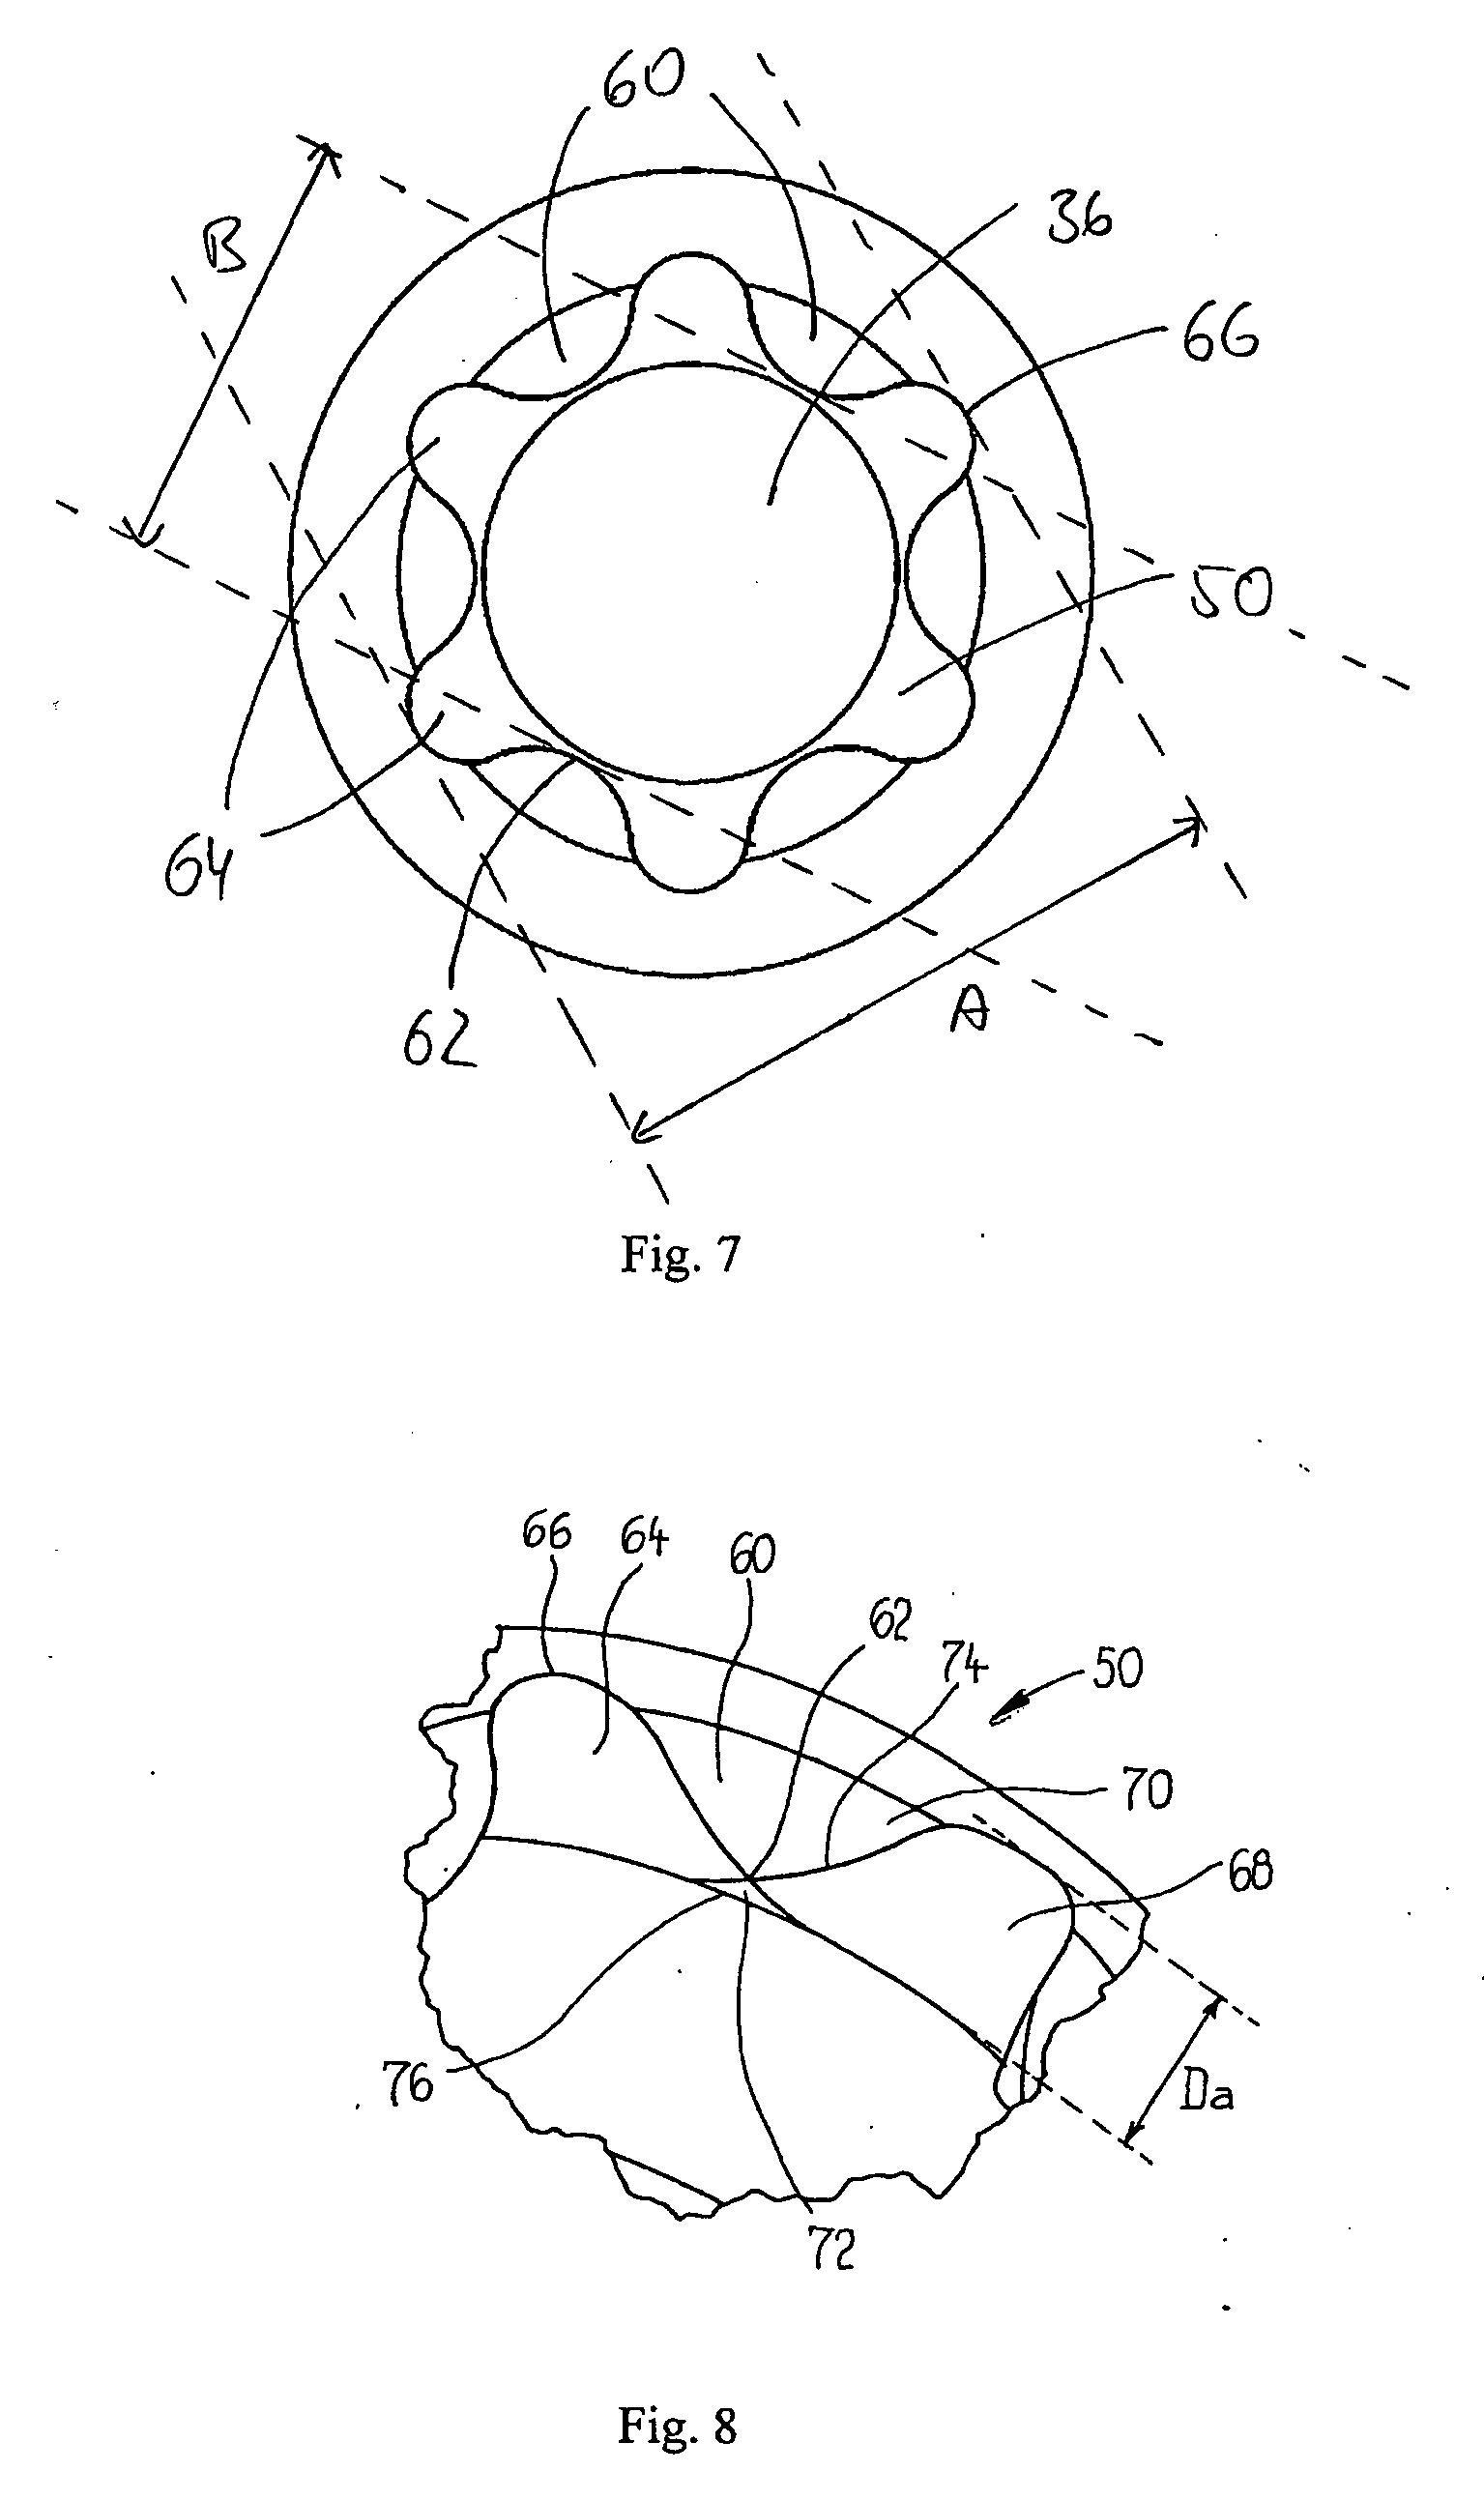 Berühmt Schrauben Maße | Mechanical Connectors 6 1 Kv D Series Nexans HT28